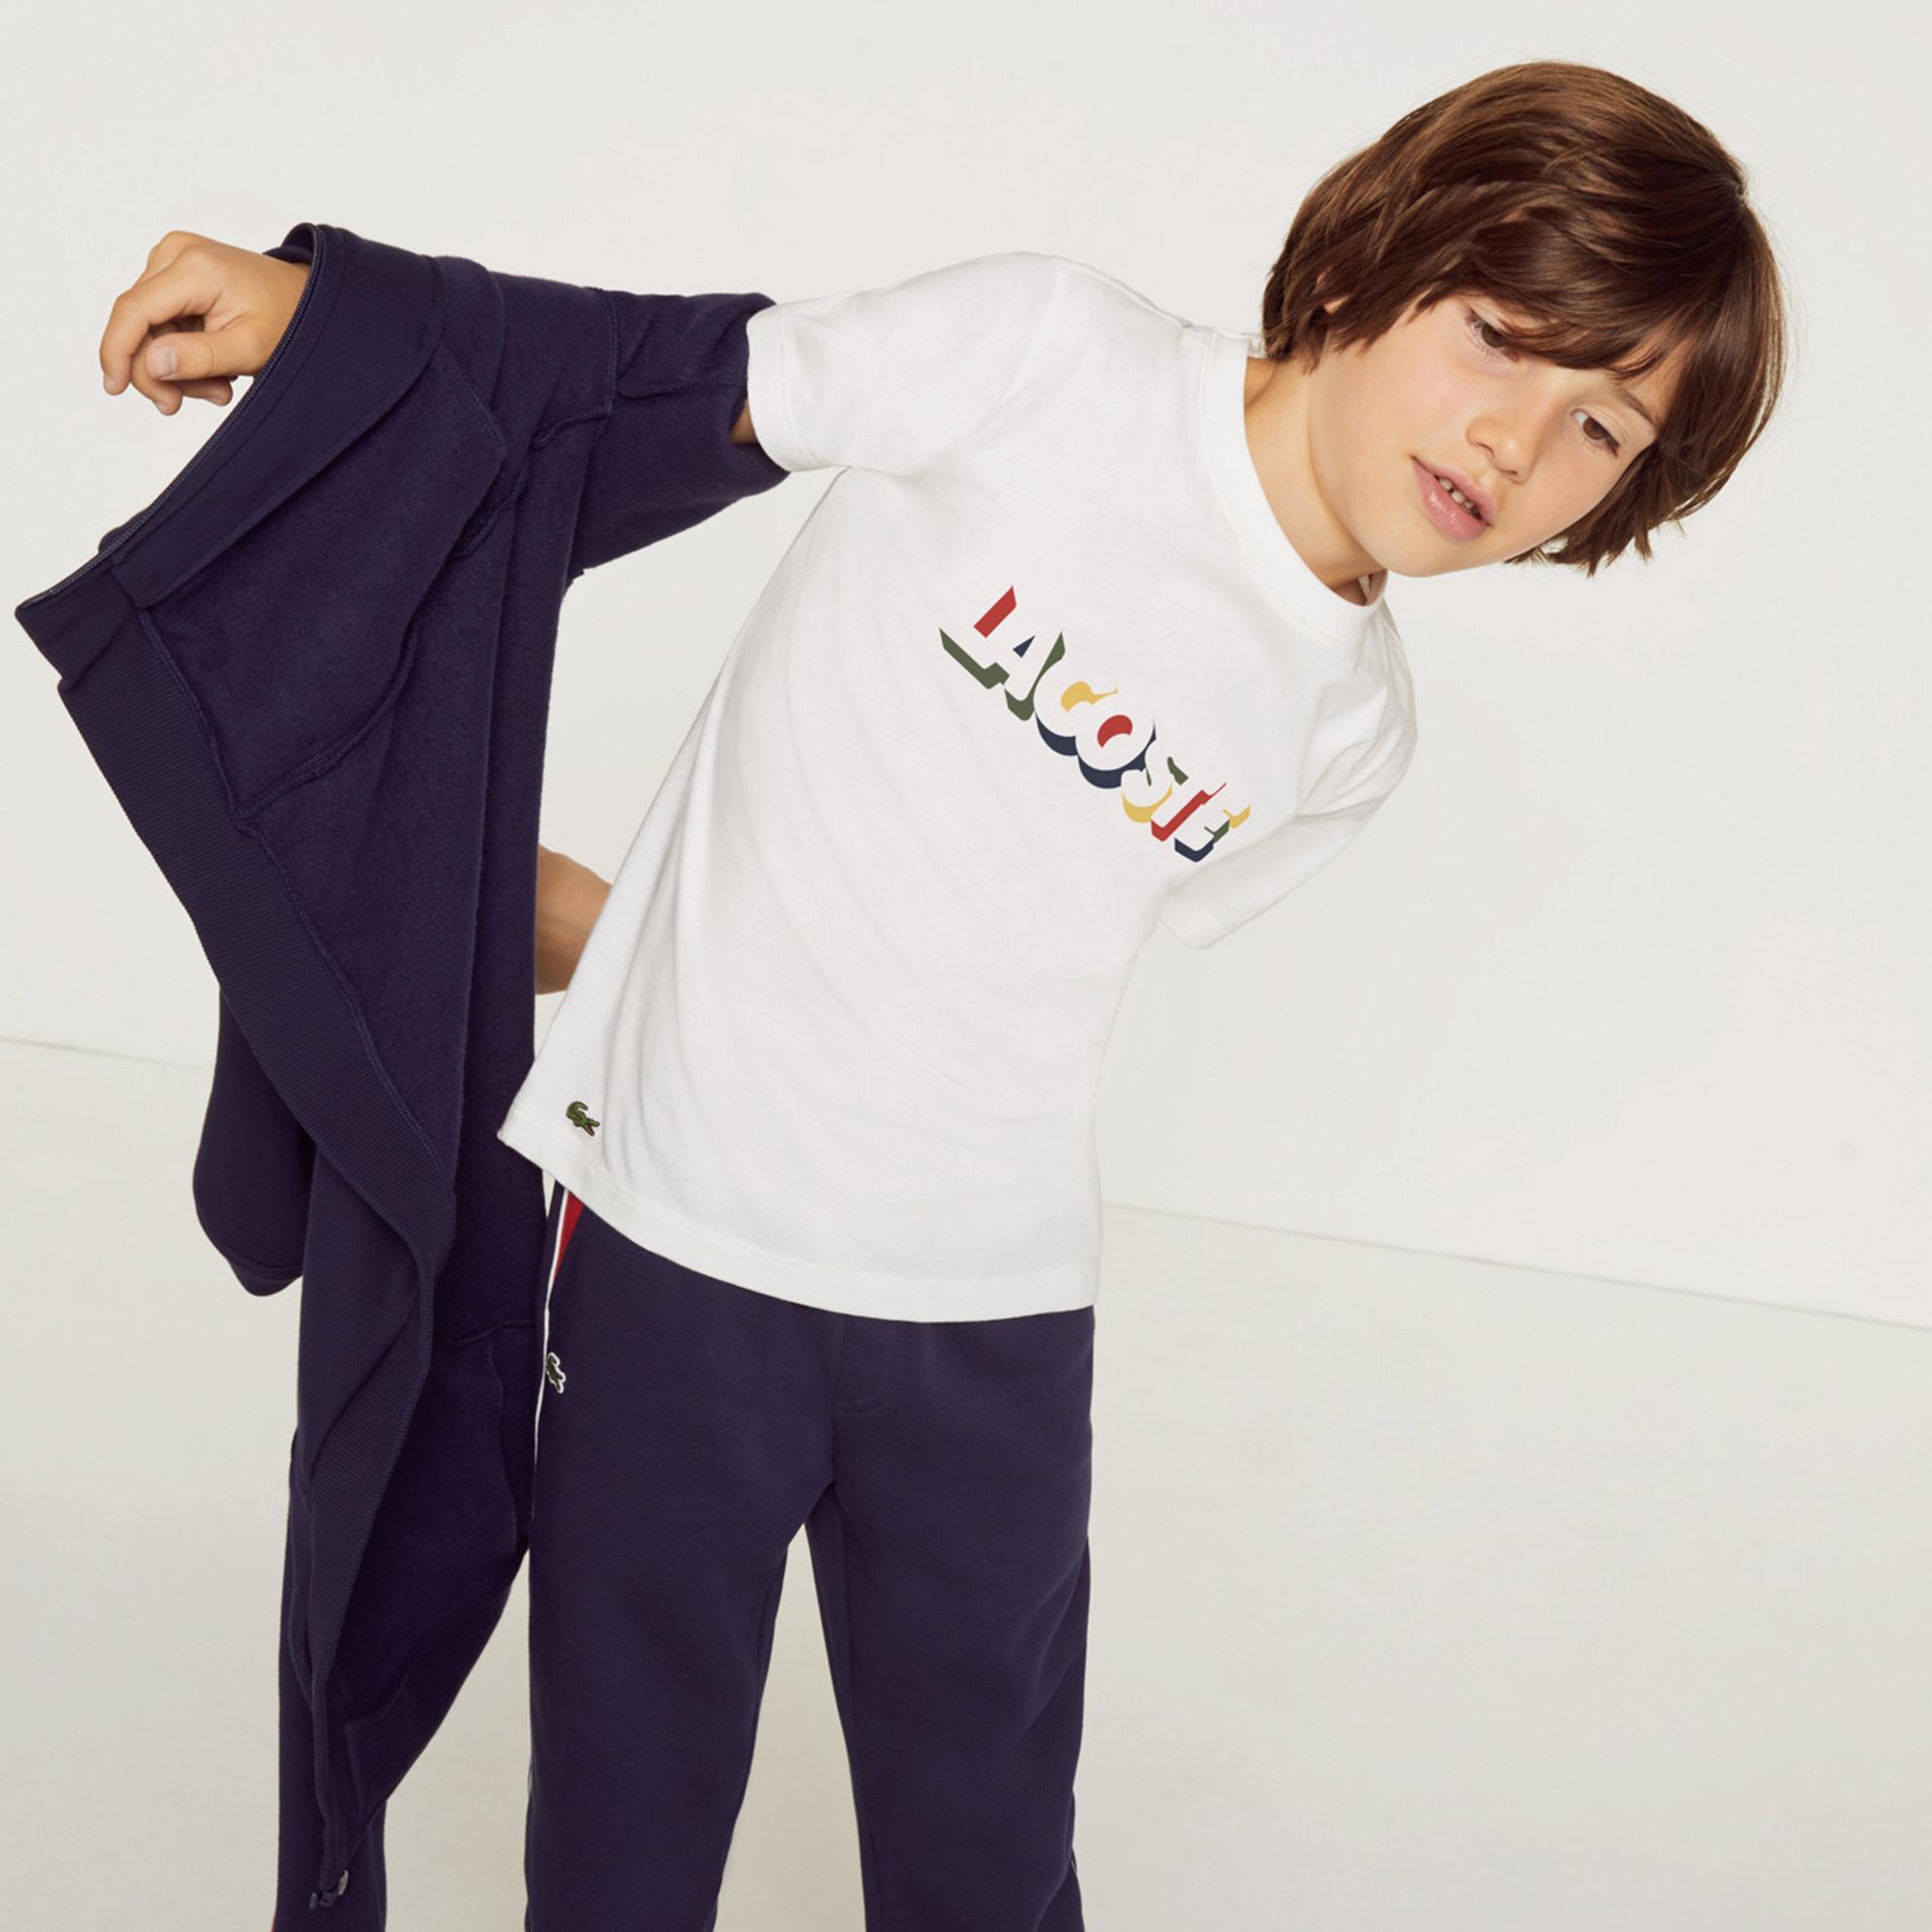 Lacoste Boy's T-shirt